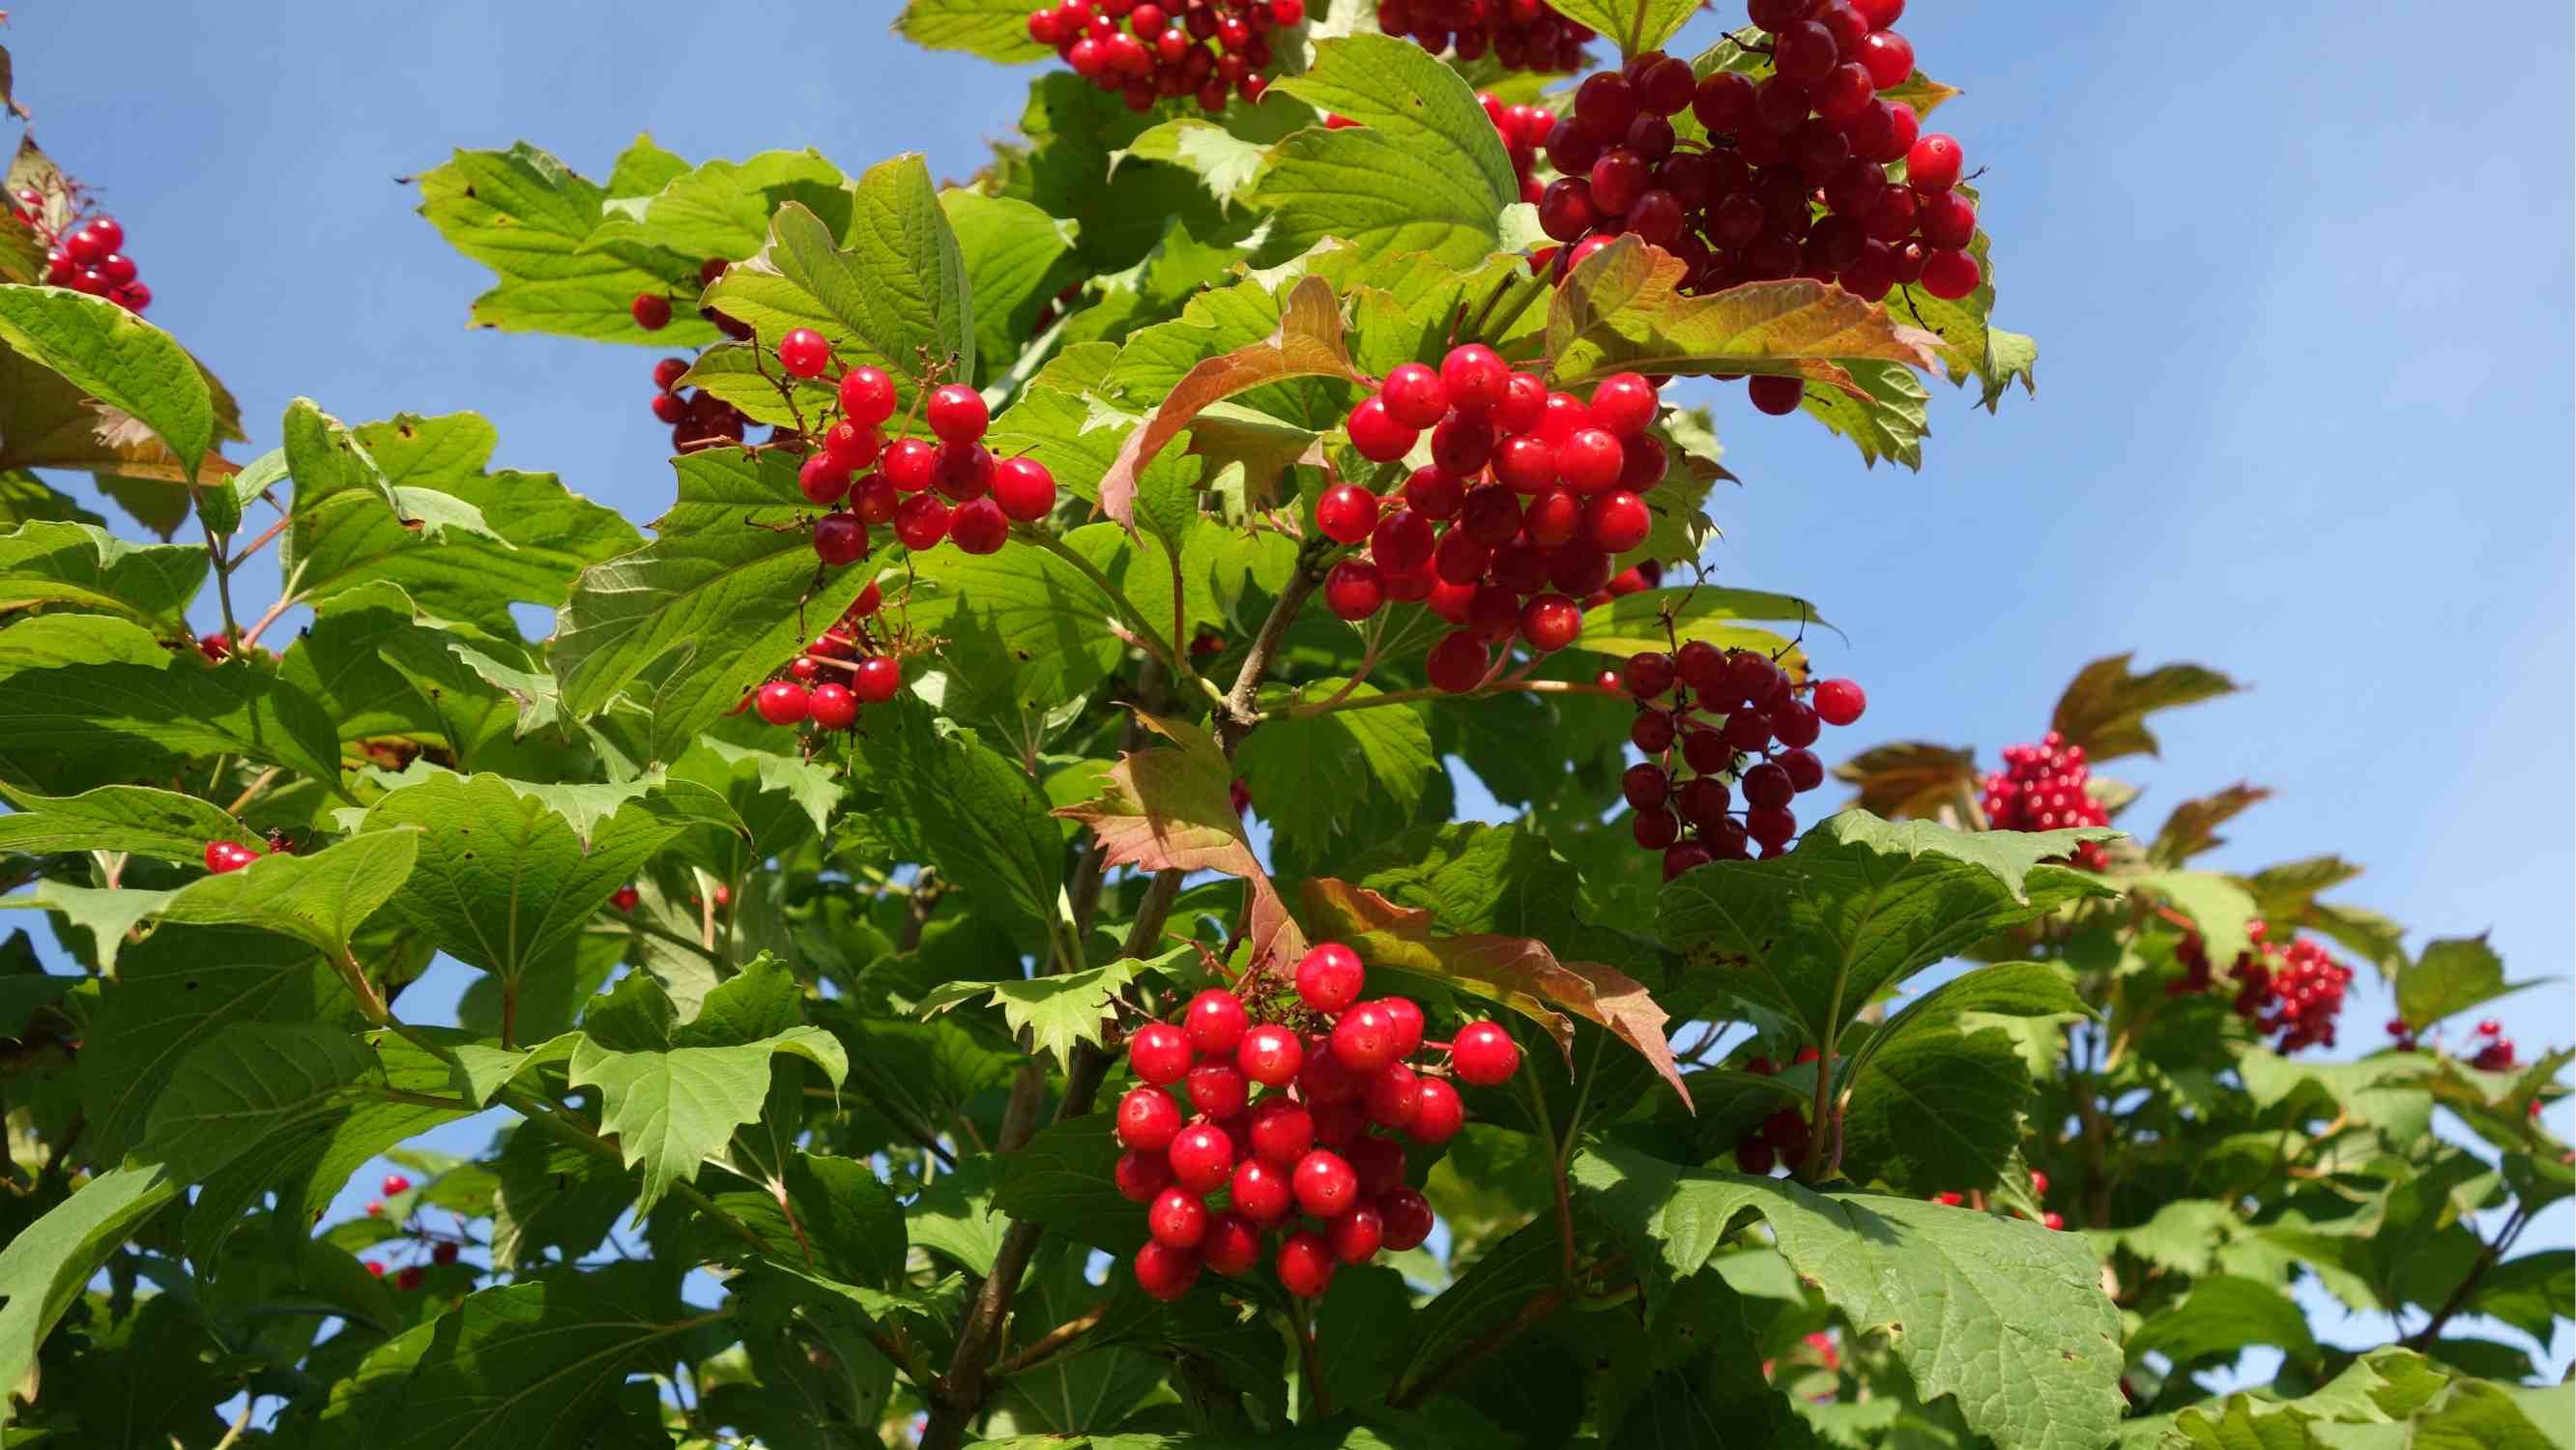 Калина фото дерева с плодом